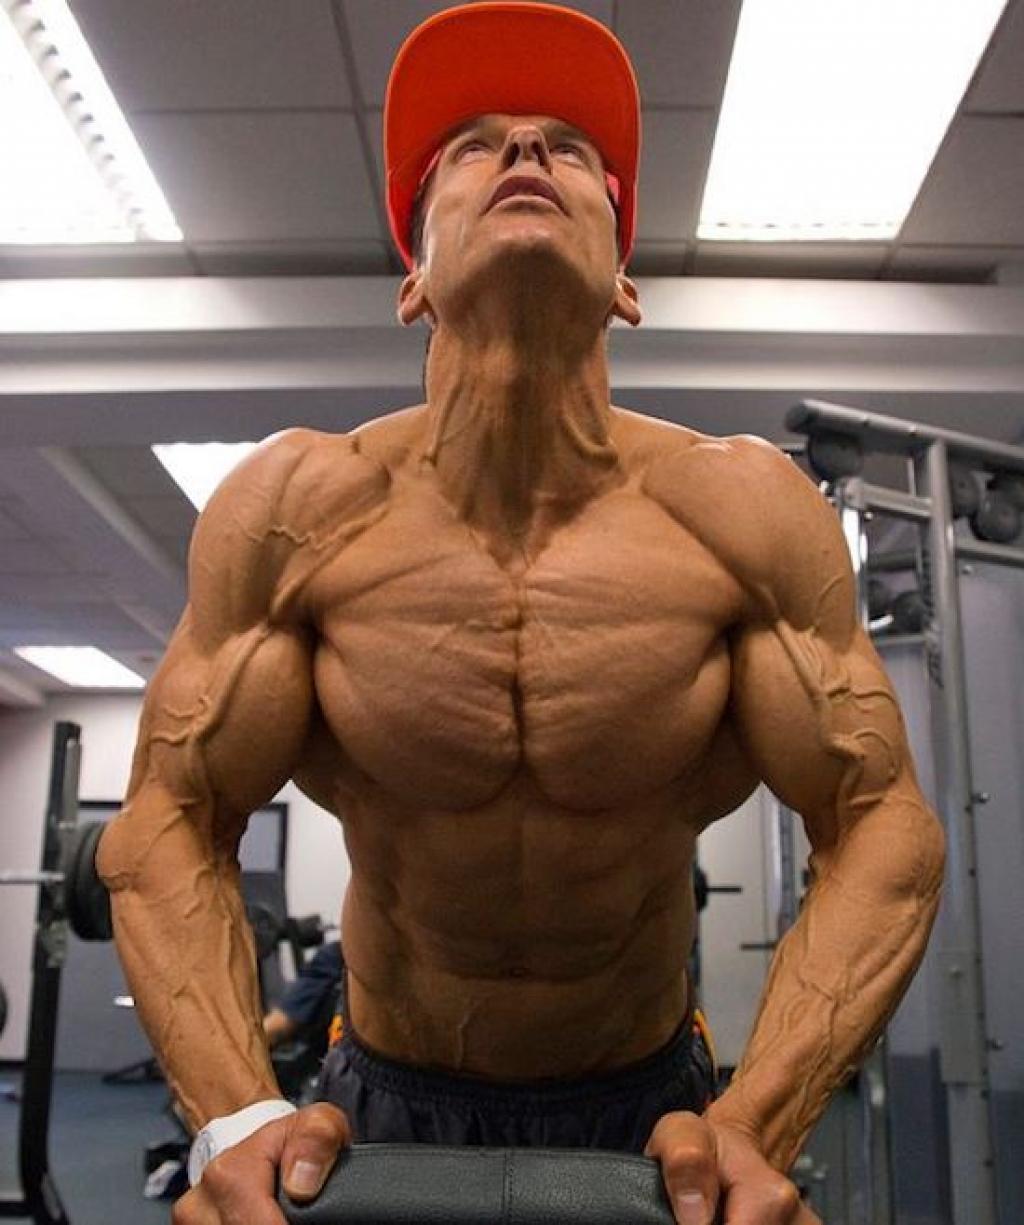 Aos 47 anos, este fisiculturista tem apenas 4% de gordura corporal 07